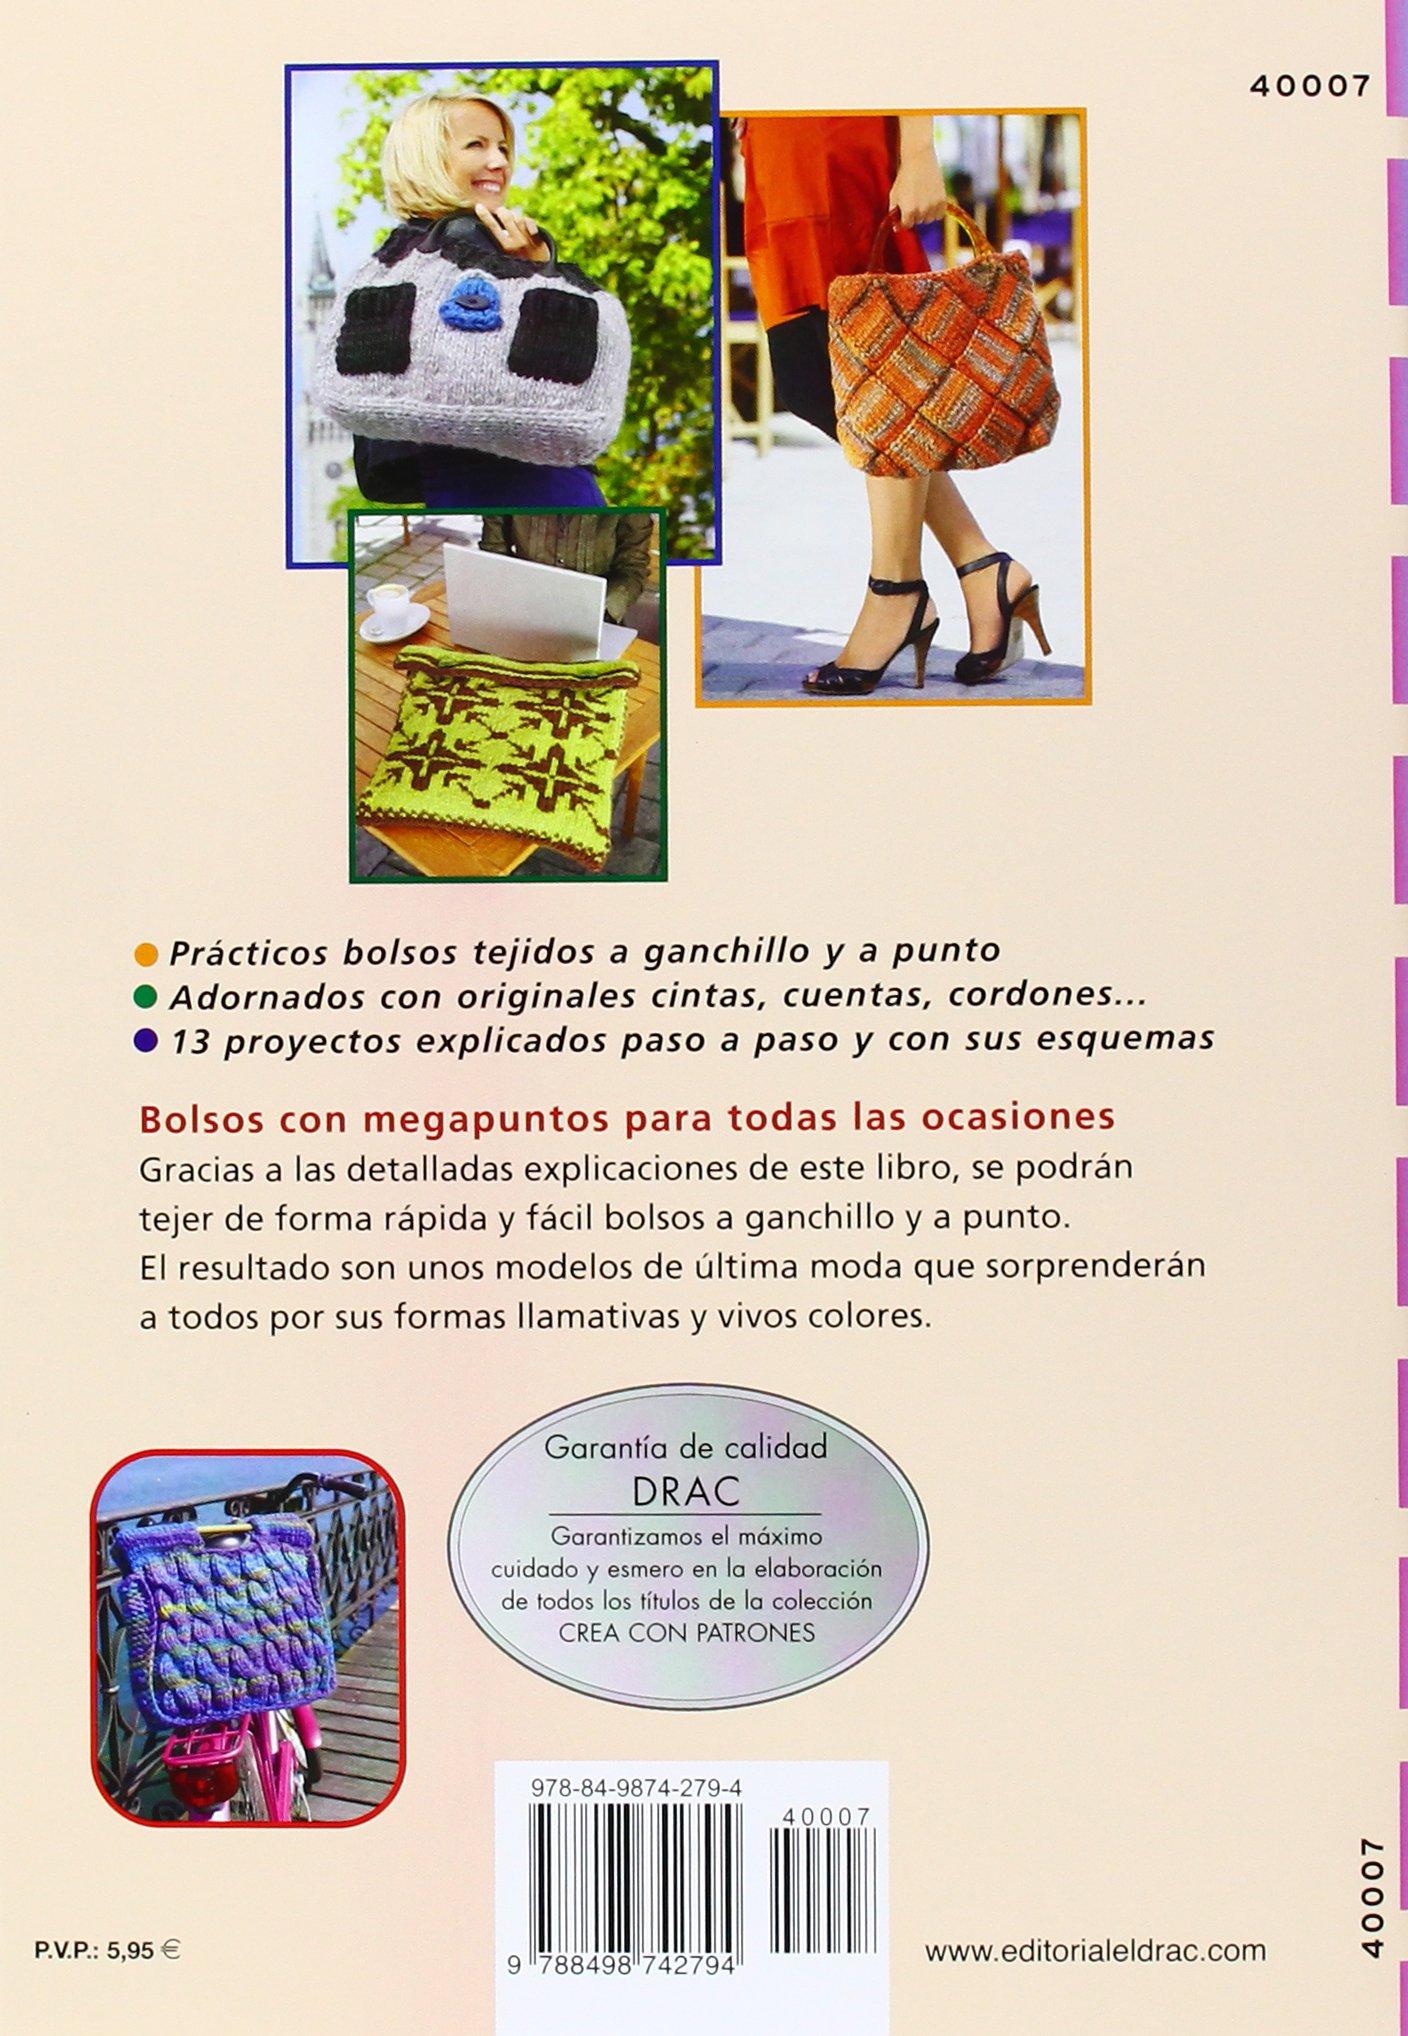 Bolsos extragrandes de ganchillo y punto: Veronika Hug: 9788498742794: Amazon.com: Books